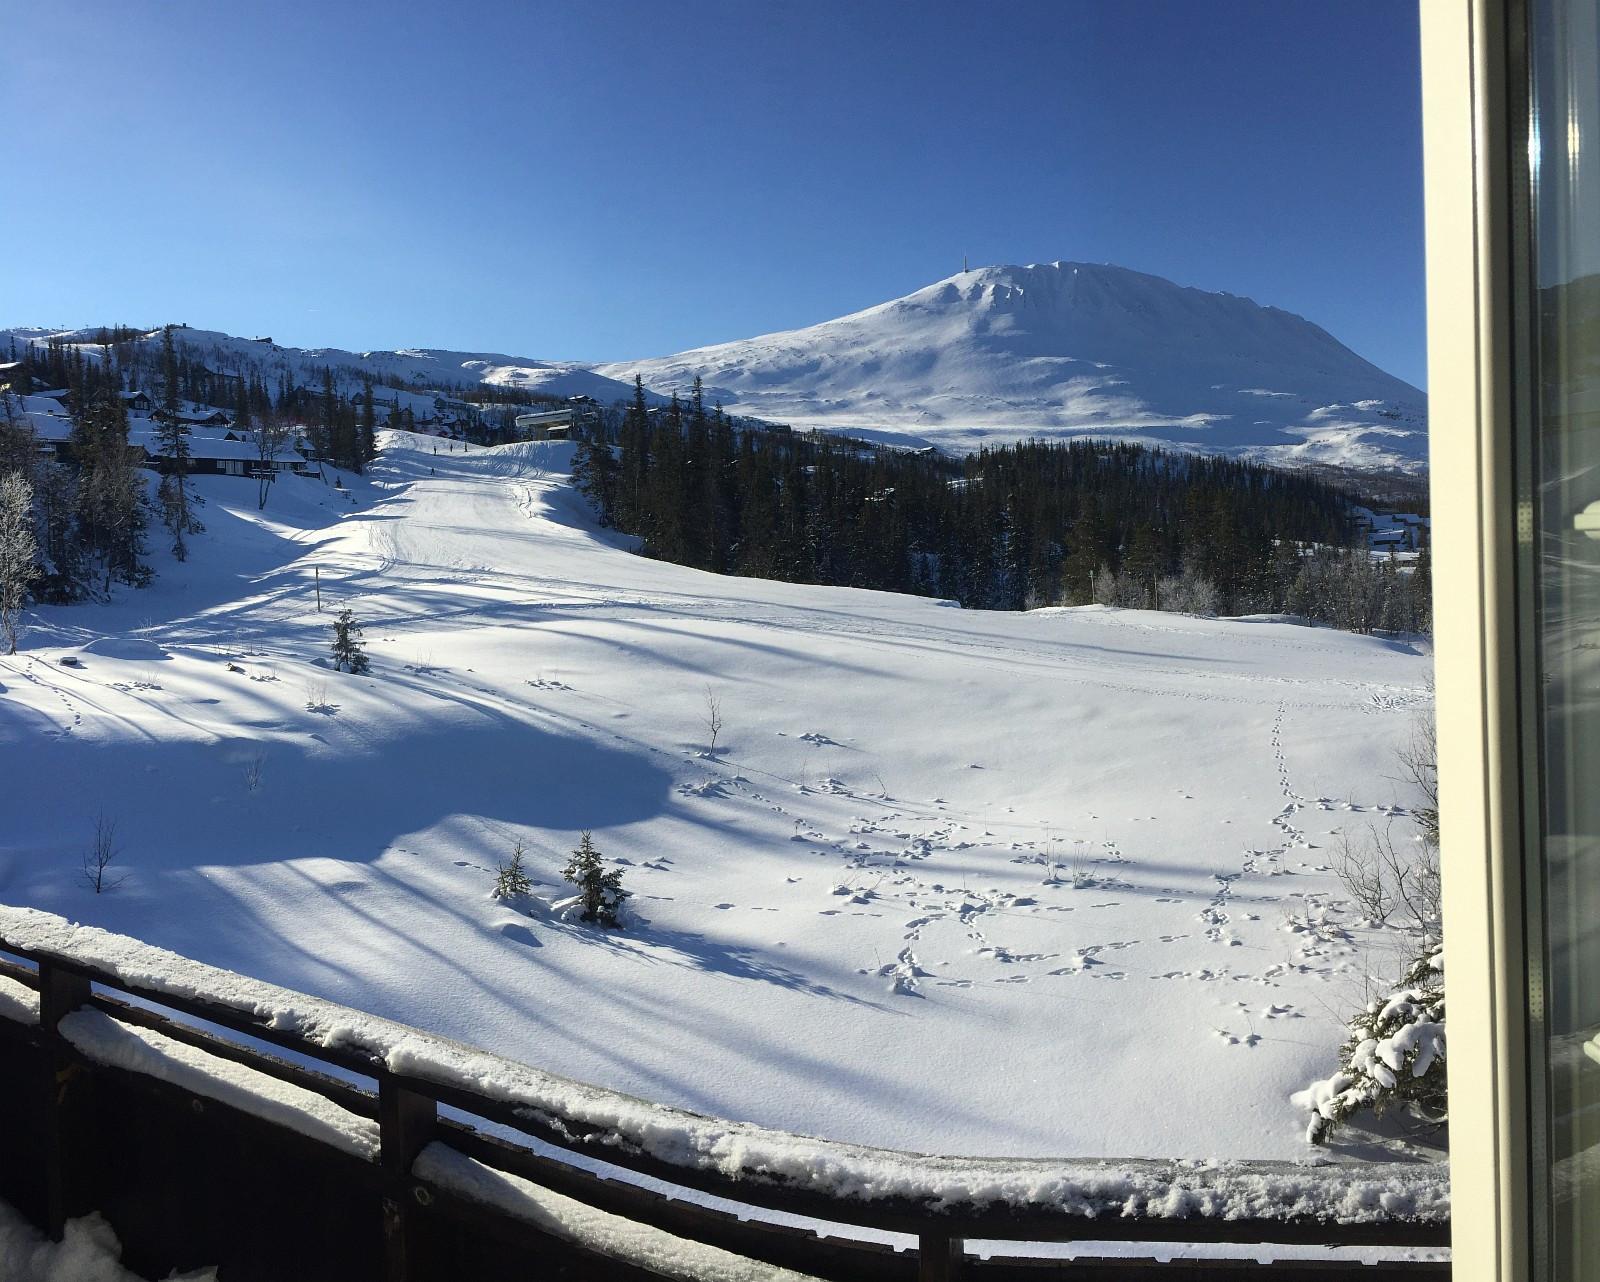 utsikt fra balkong til alpinbakke og Gaustatoppen